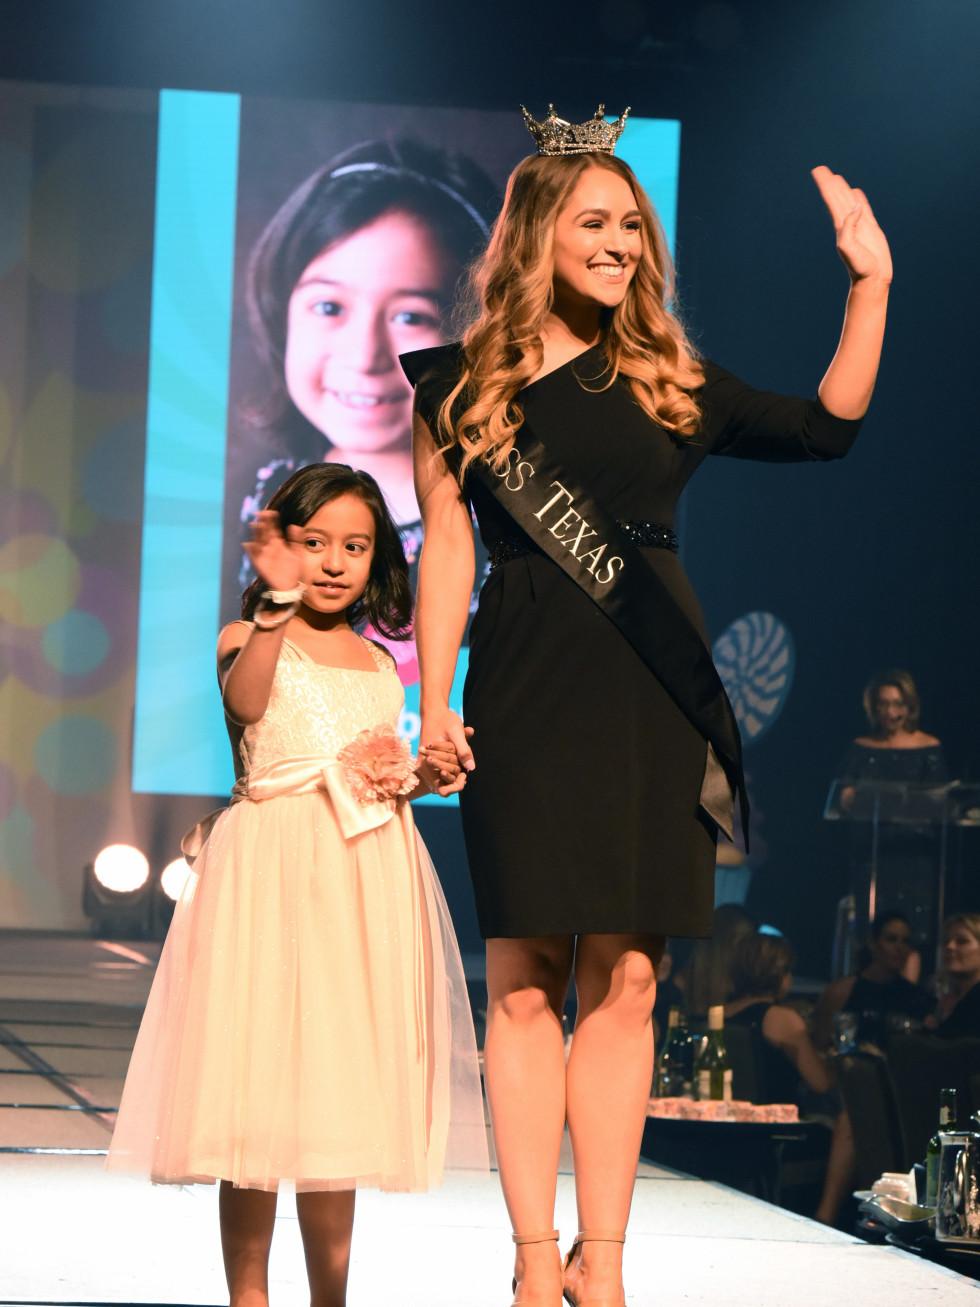 Dallas_Children's Gala